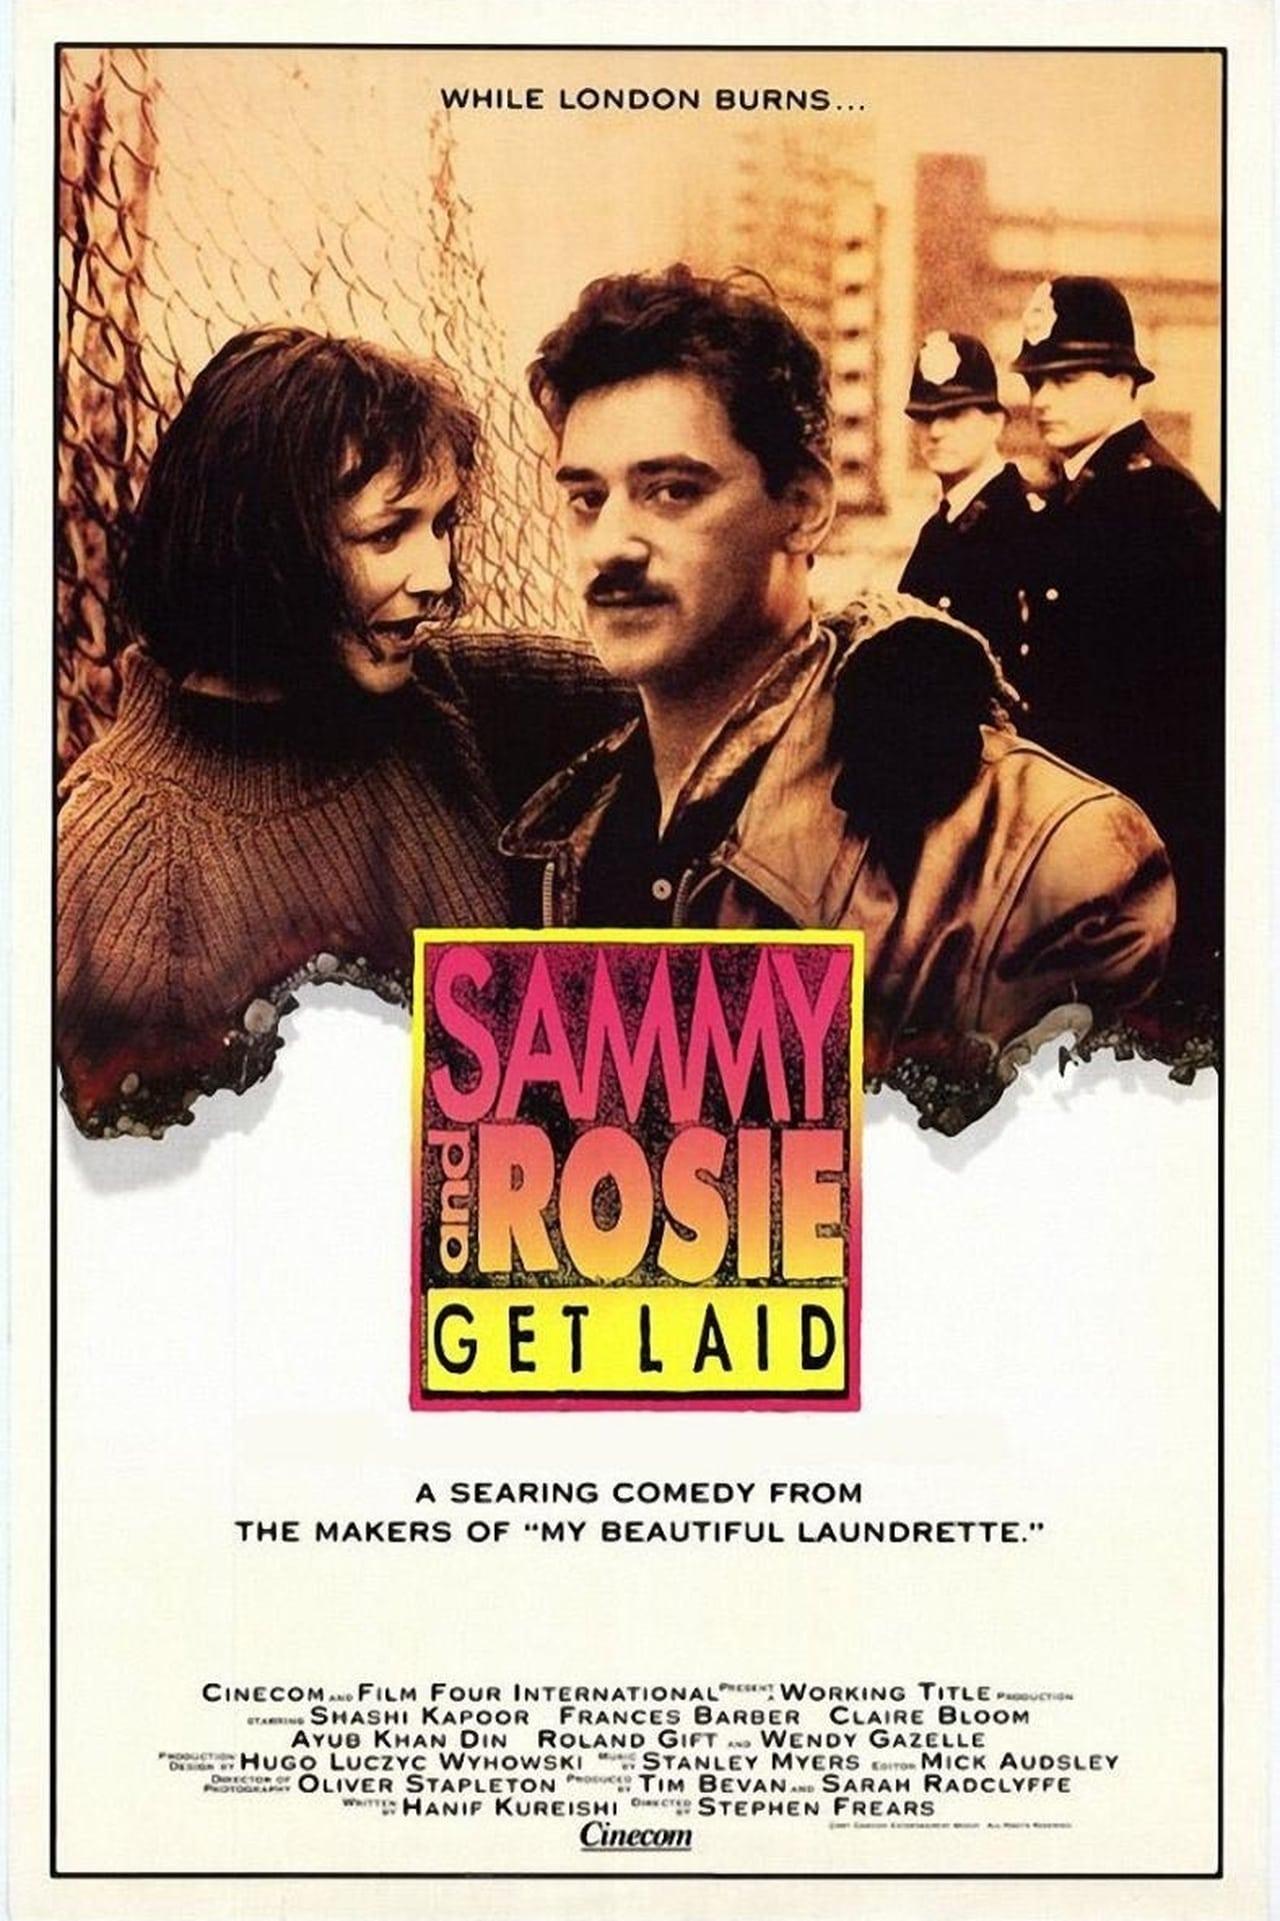 Sammy and Rosie Get Laid